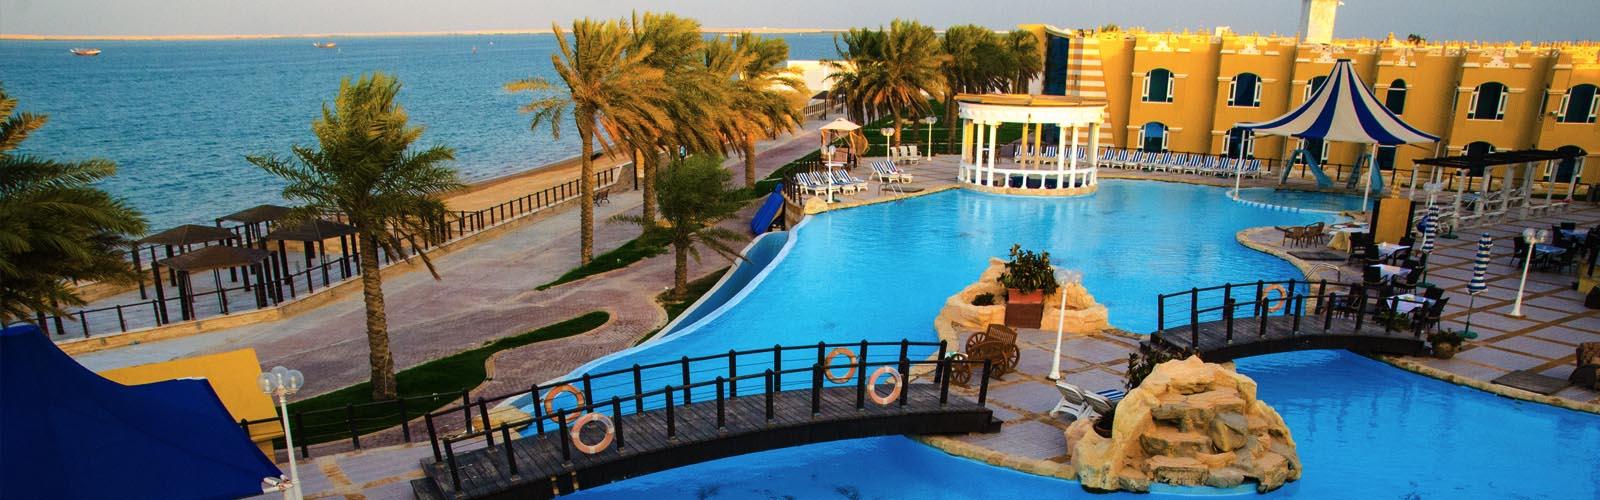 Al Sultan Beach Resort Al Khor Qatar